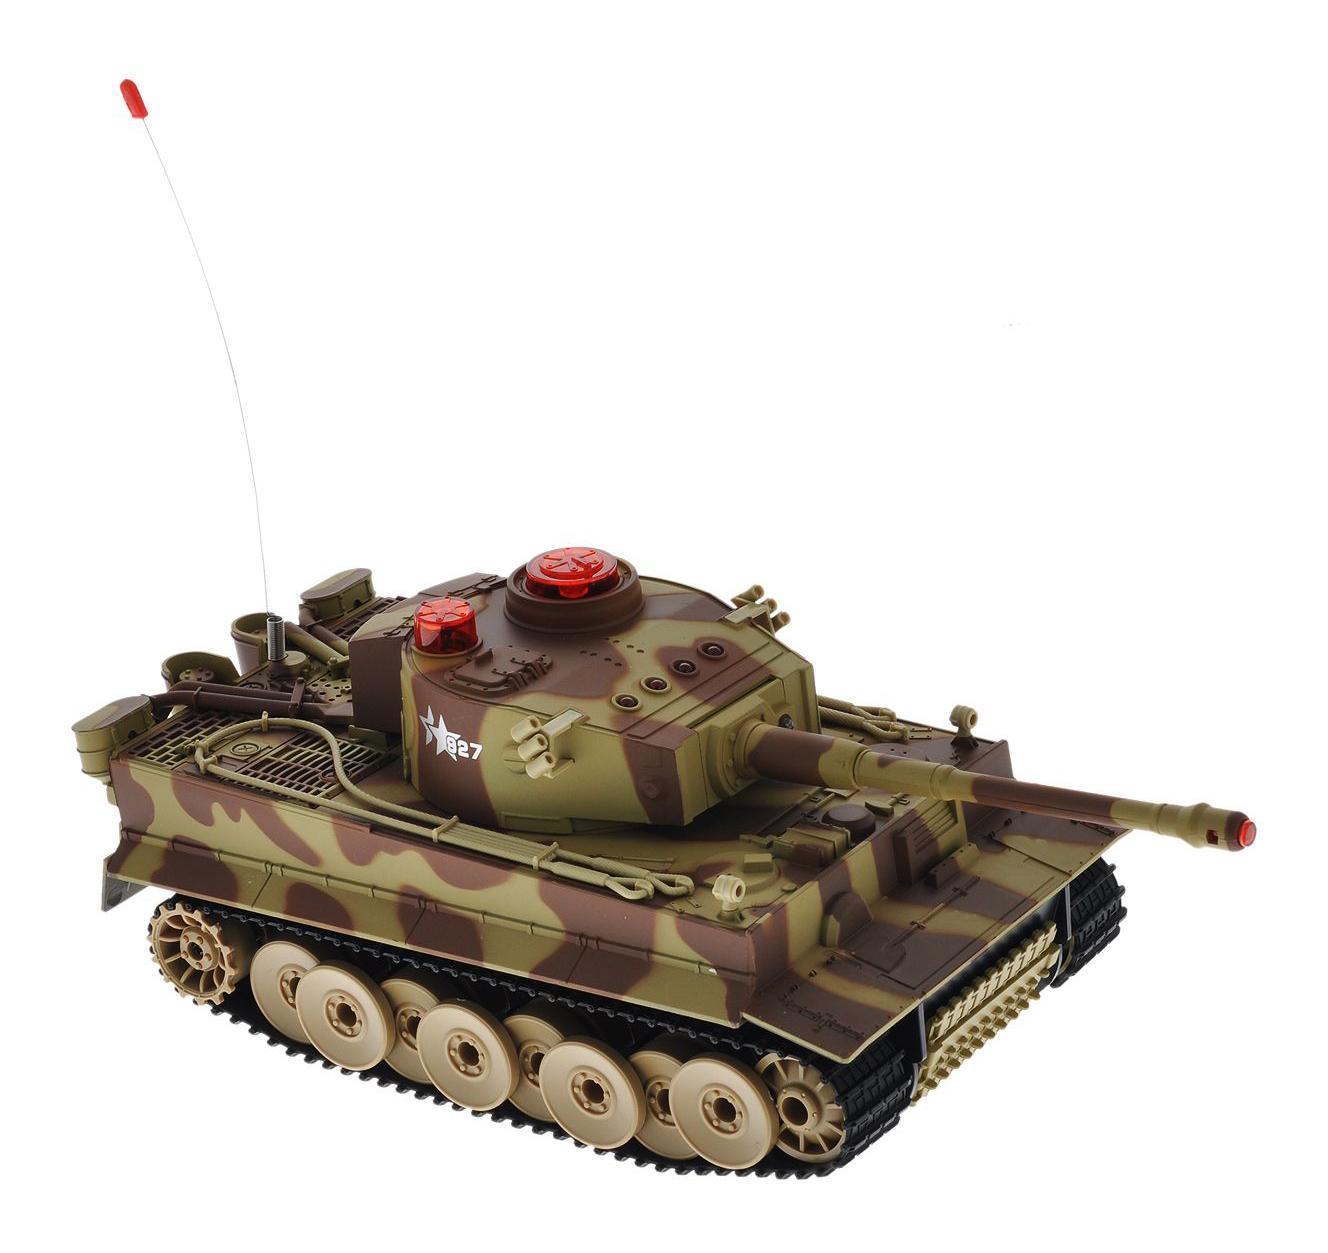 ABtoys Набор танков на радиоуправлении Танковый бойC-00037(529)Все дети хотят иметь в наборе своих игрушек ослепительные, невероятные и крутые танки на радиоуправлении. Тем более если это танк с мировым именем, с проработкой всех деталей, удивляющий приятным качеством и видом. Танк обладает неповторимым провокационным стилем и спортивным характером. А серьезные габариты придают реалистичность в управлении. Танк отличается потрясающей маневренностью, динамикой и покладистостью.